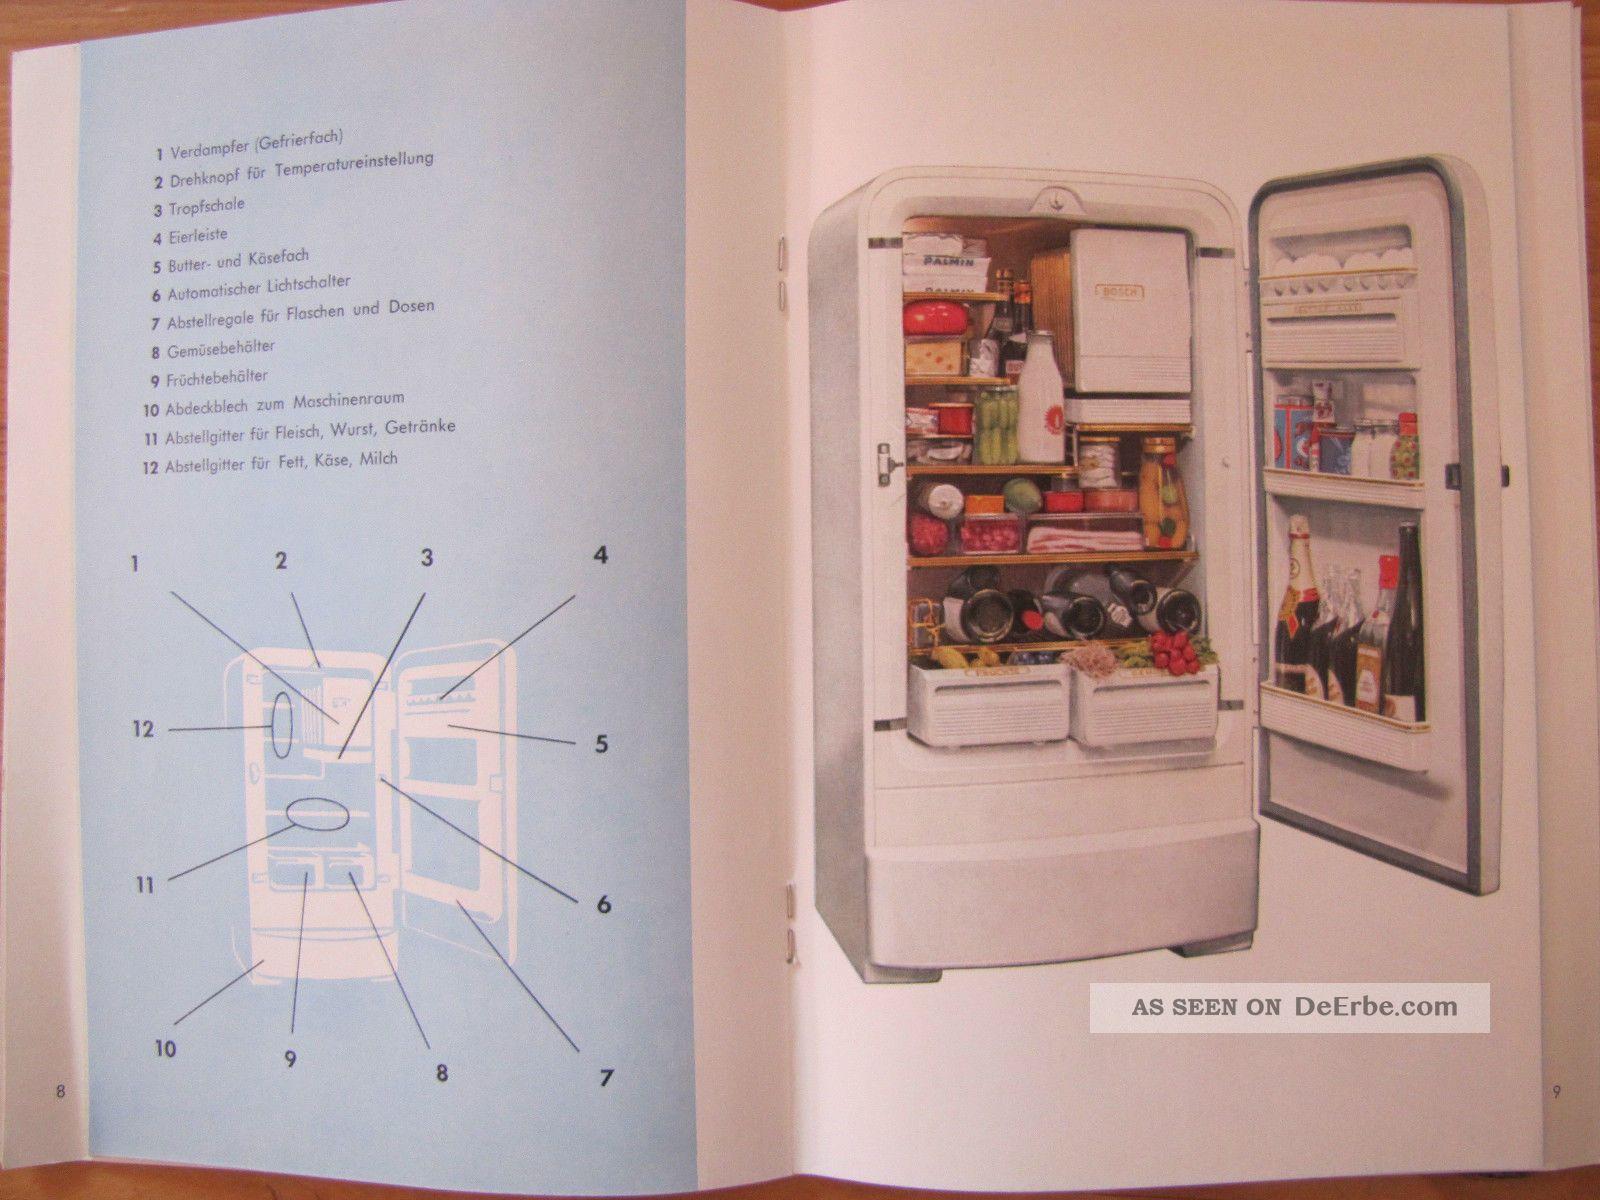 Bosch Cooler Kühlschrank : Bosch mein kühlschrank bedienungsanleitung u pl s mc